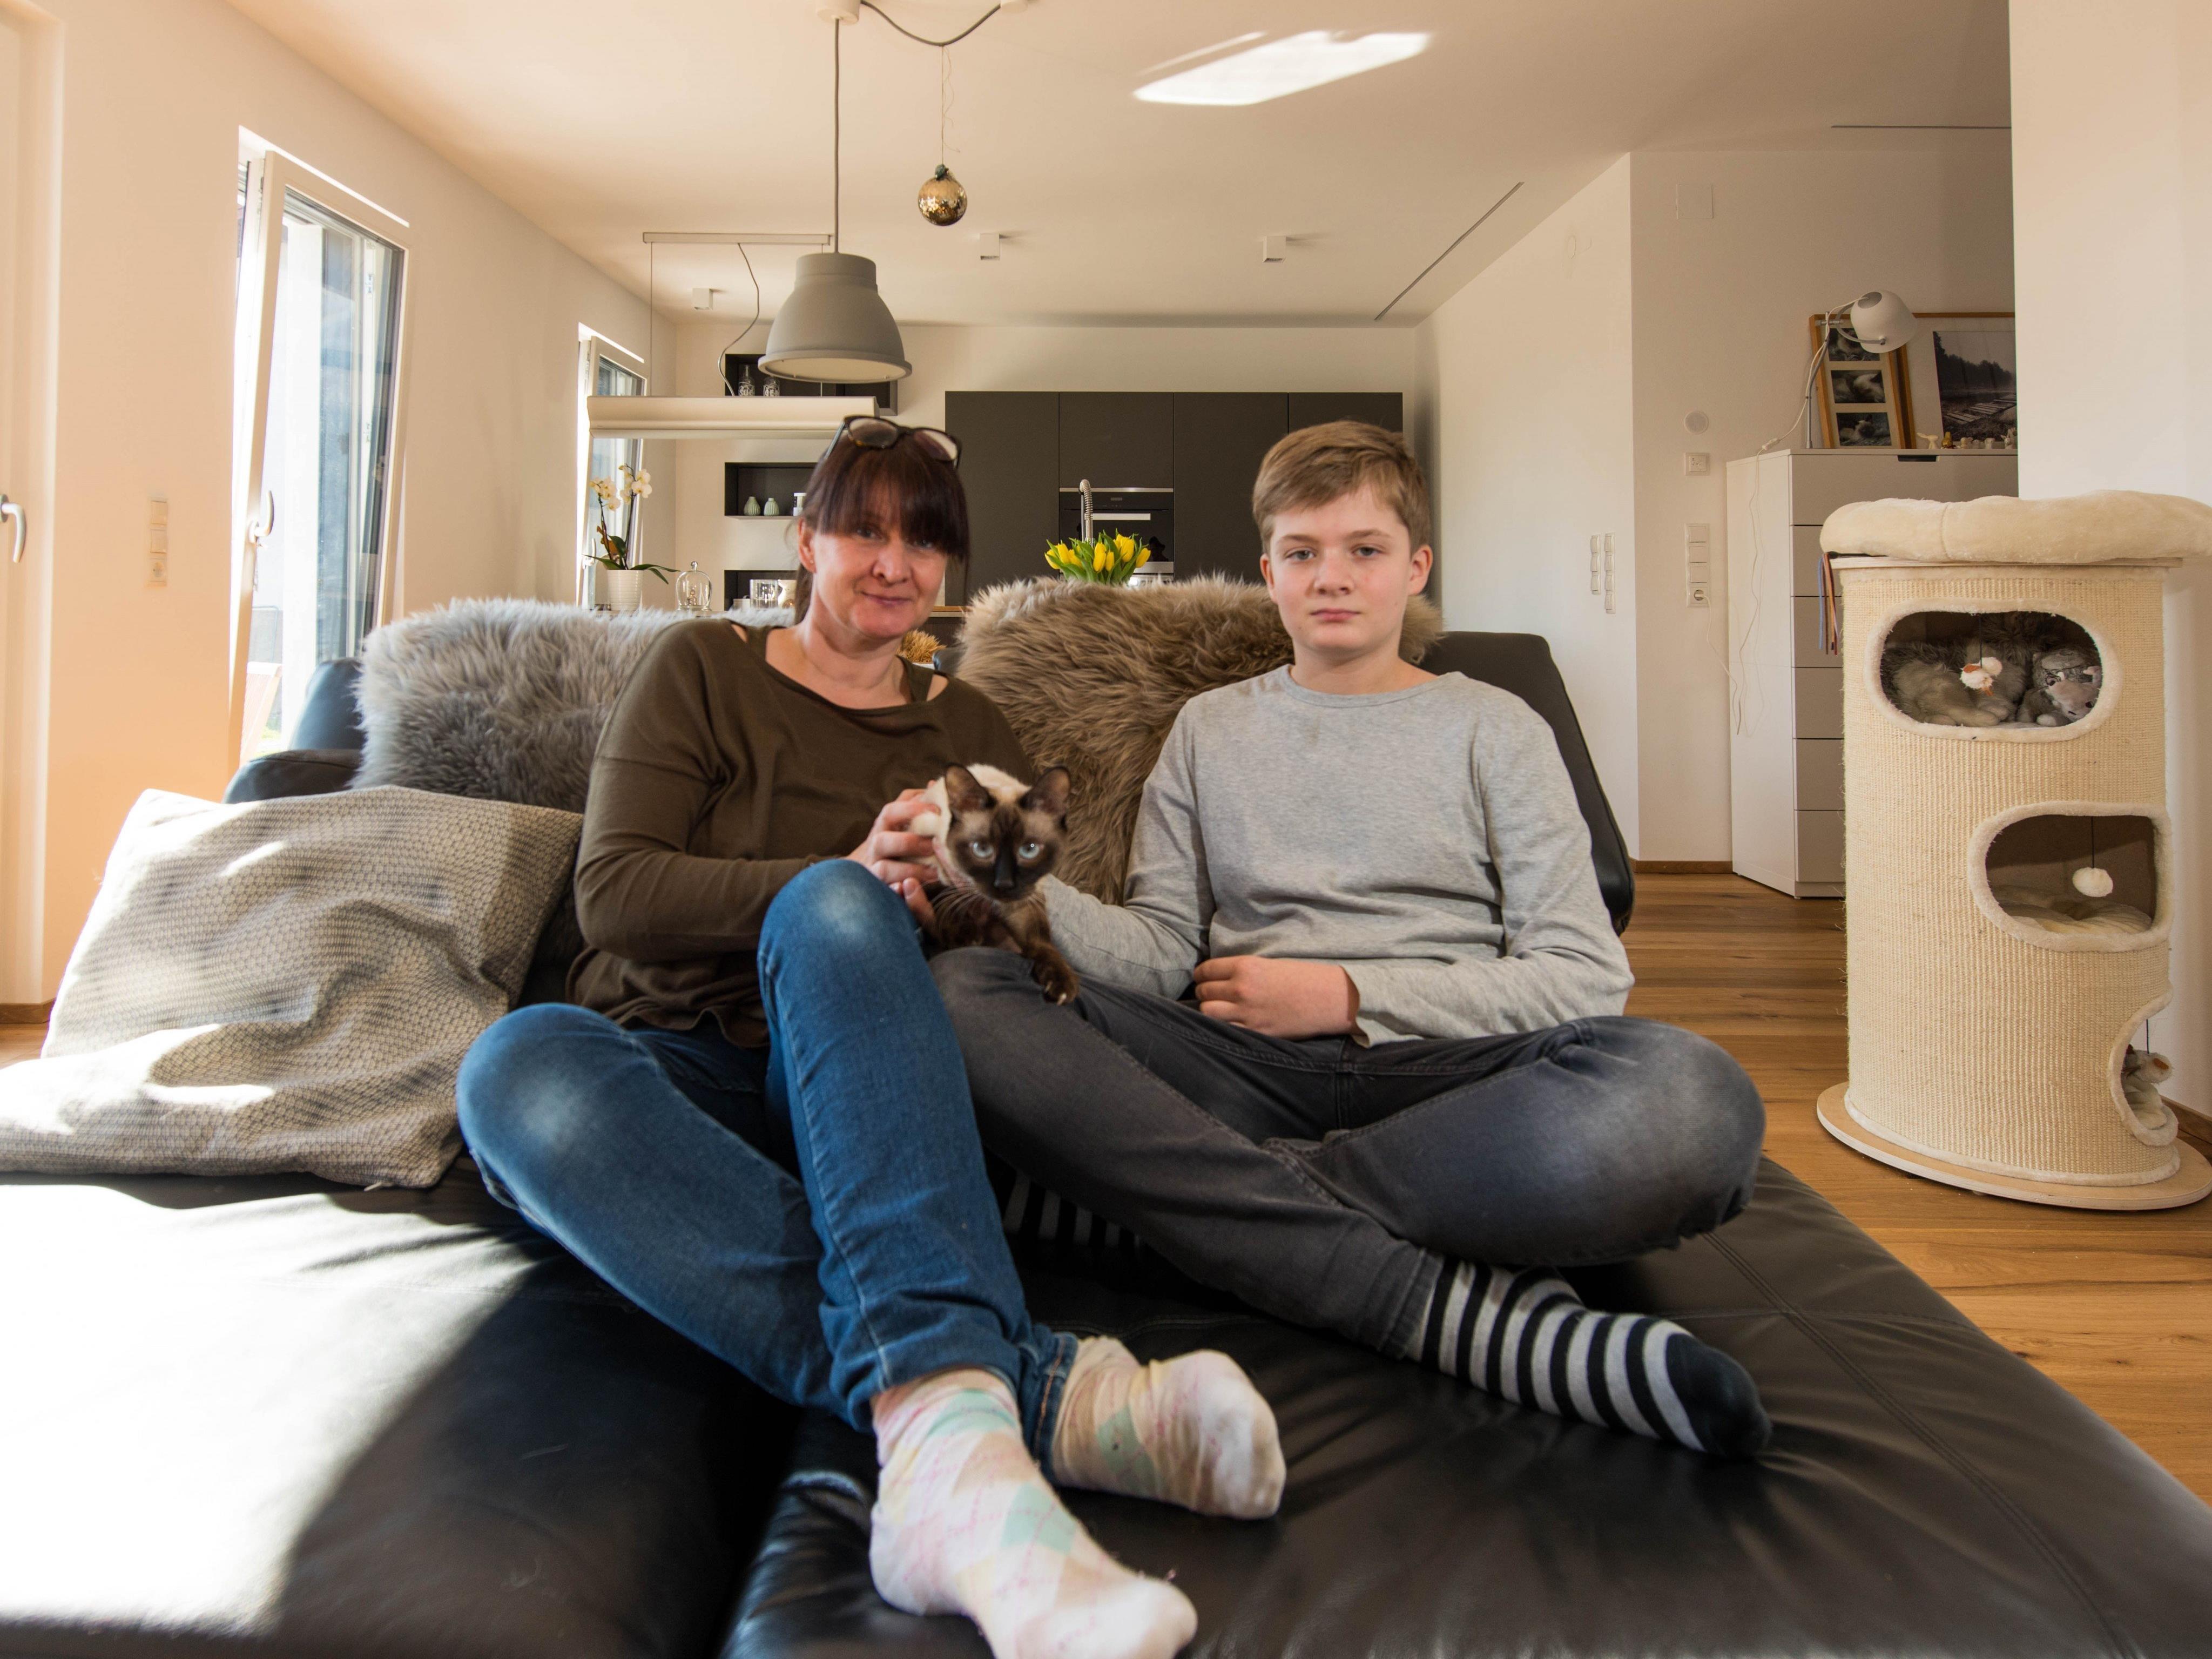 Viele Studenten wohnen noch zu Hause bei den Eltern.